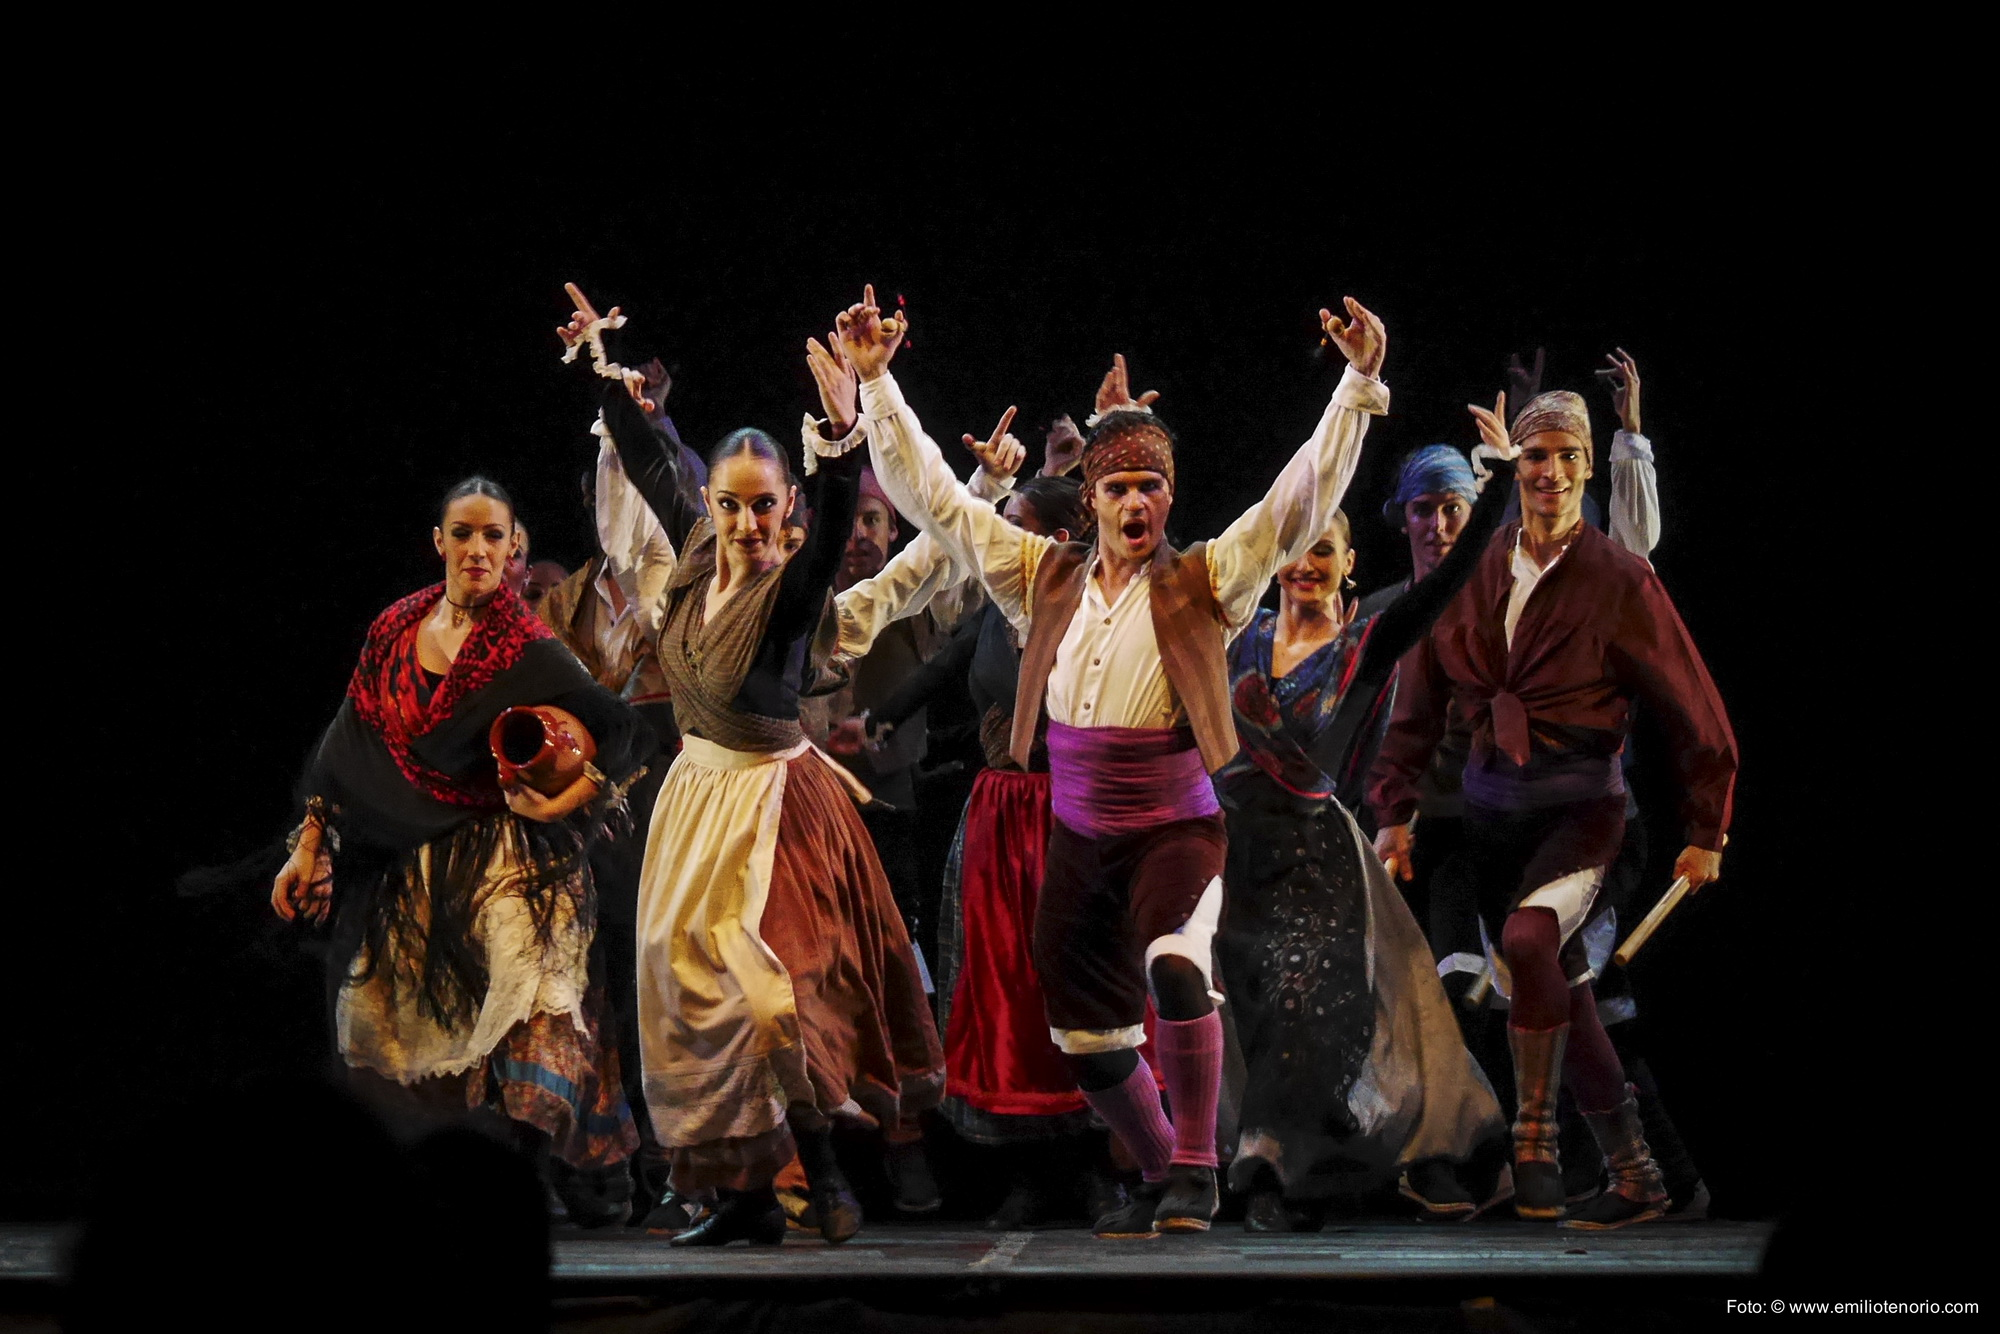 Скоро в Израиле! Красочное шоу «Estampas de Espana»